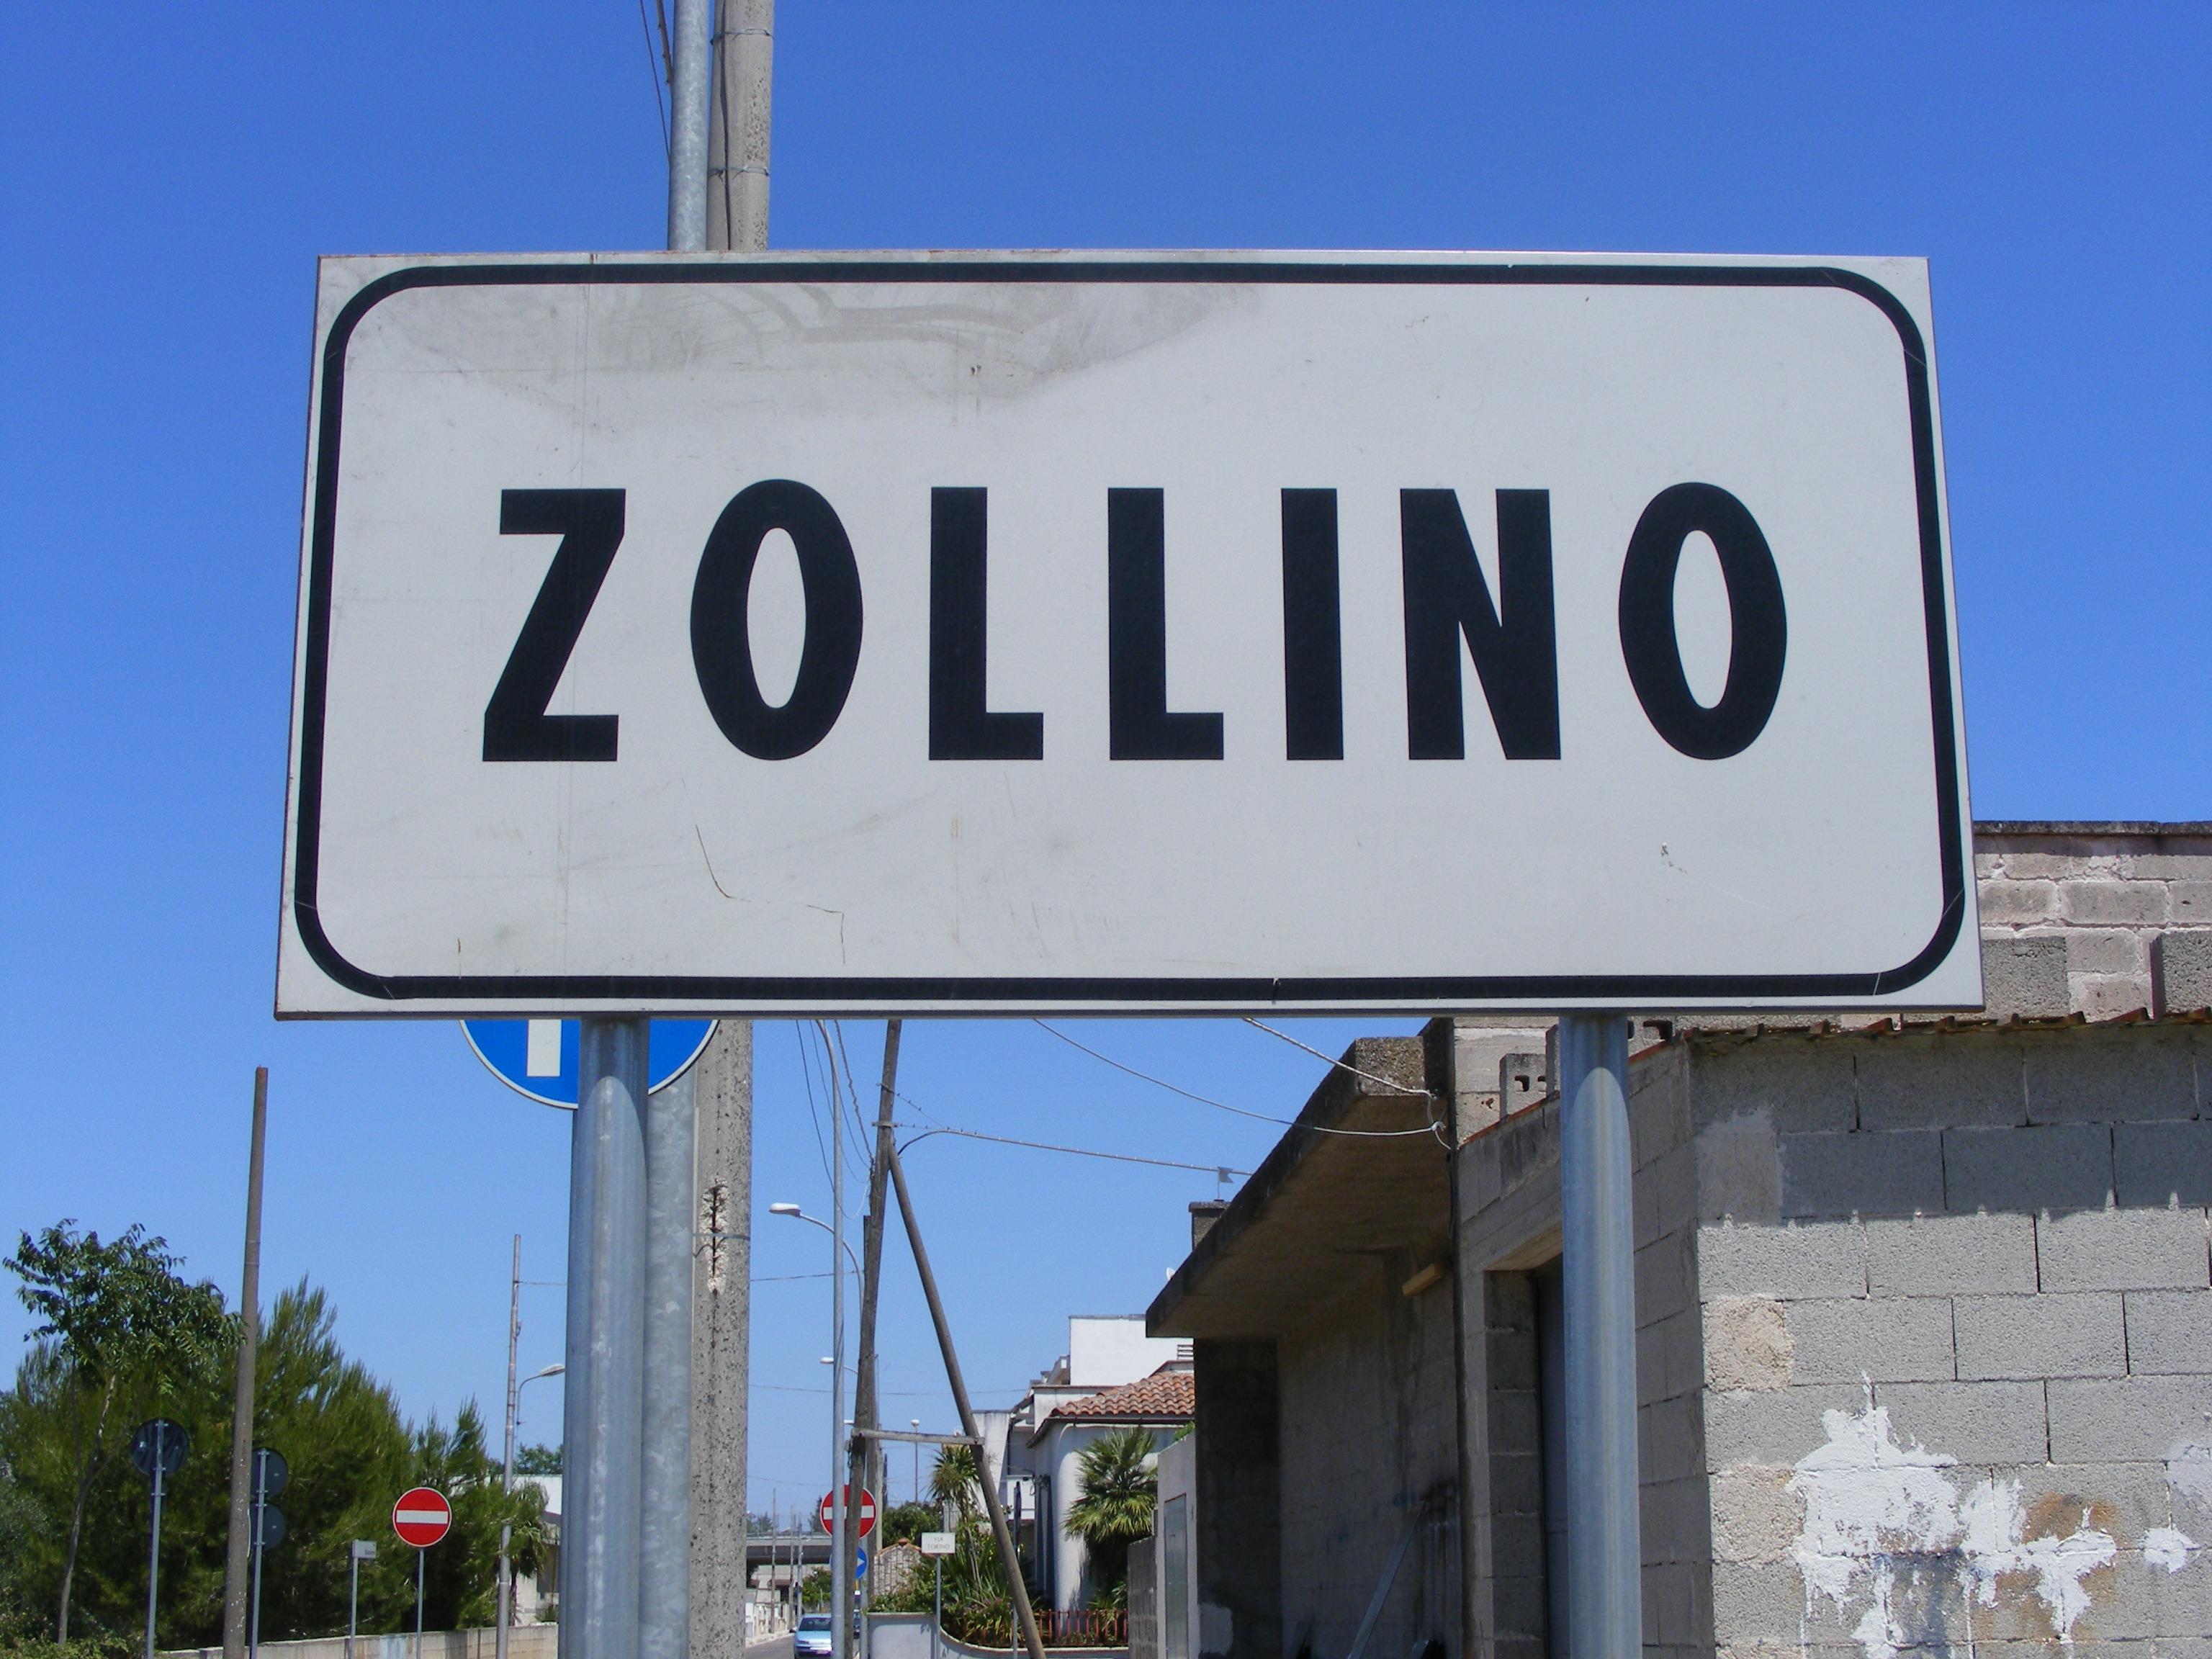 Zollino